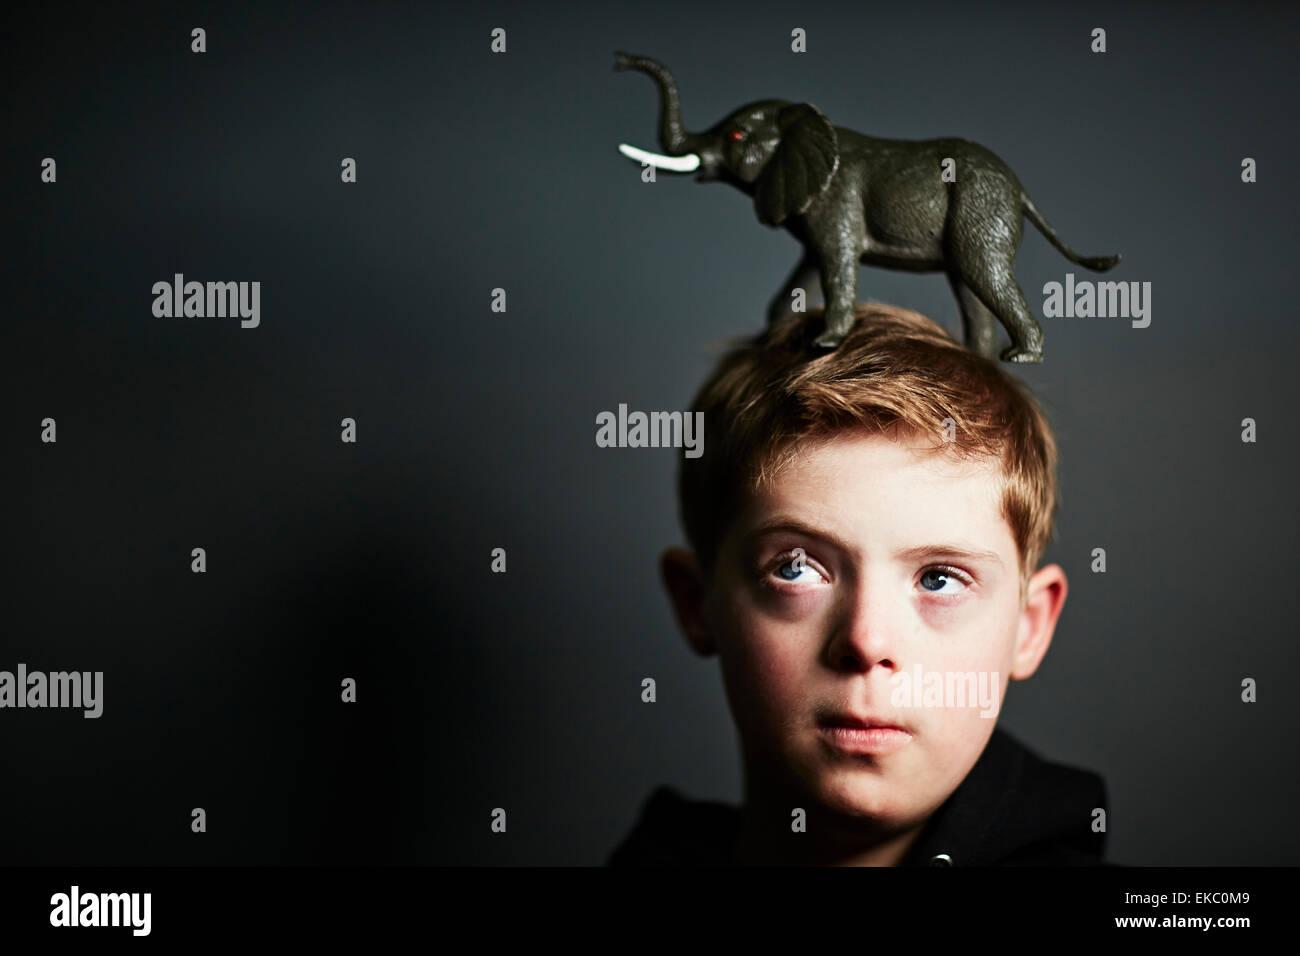 Ragazzo con elefante giocattolo sulla parte superiore della testa Immagini Stock